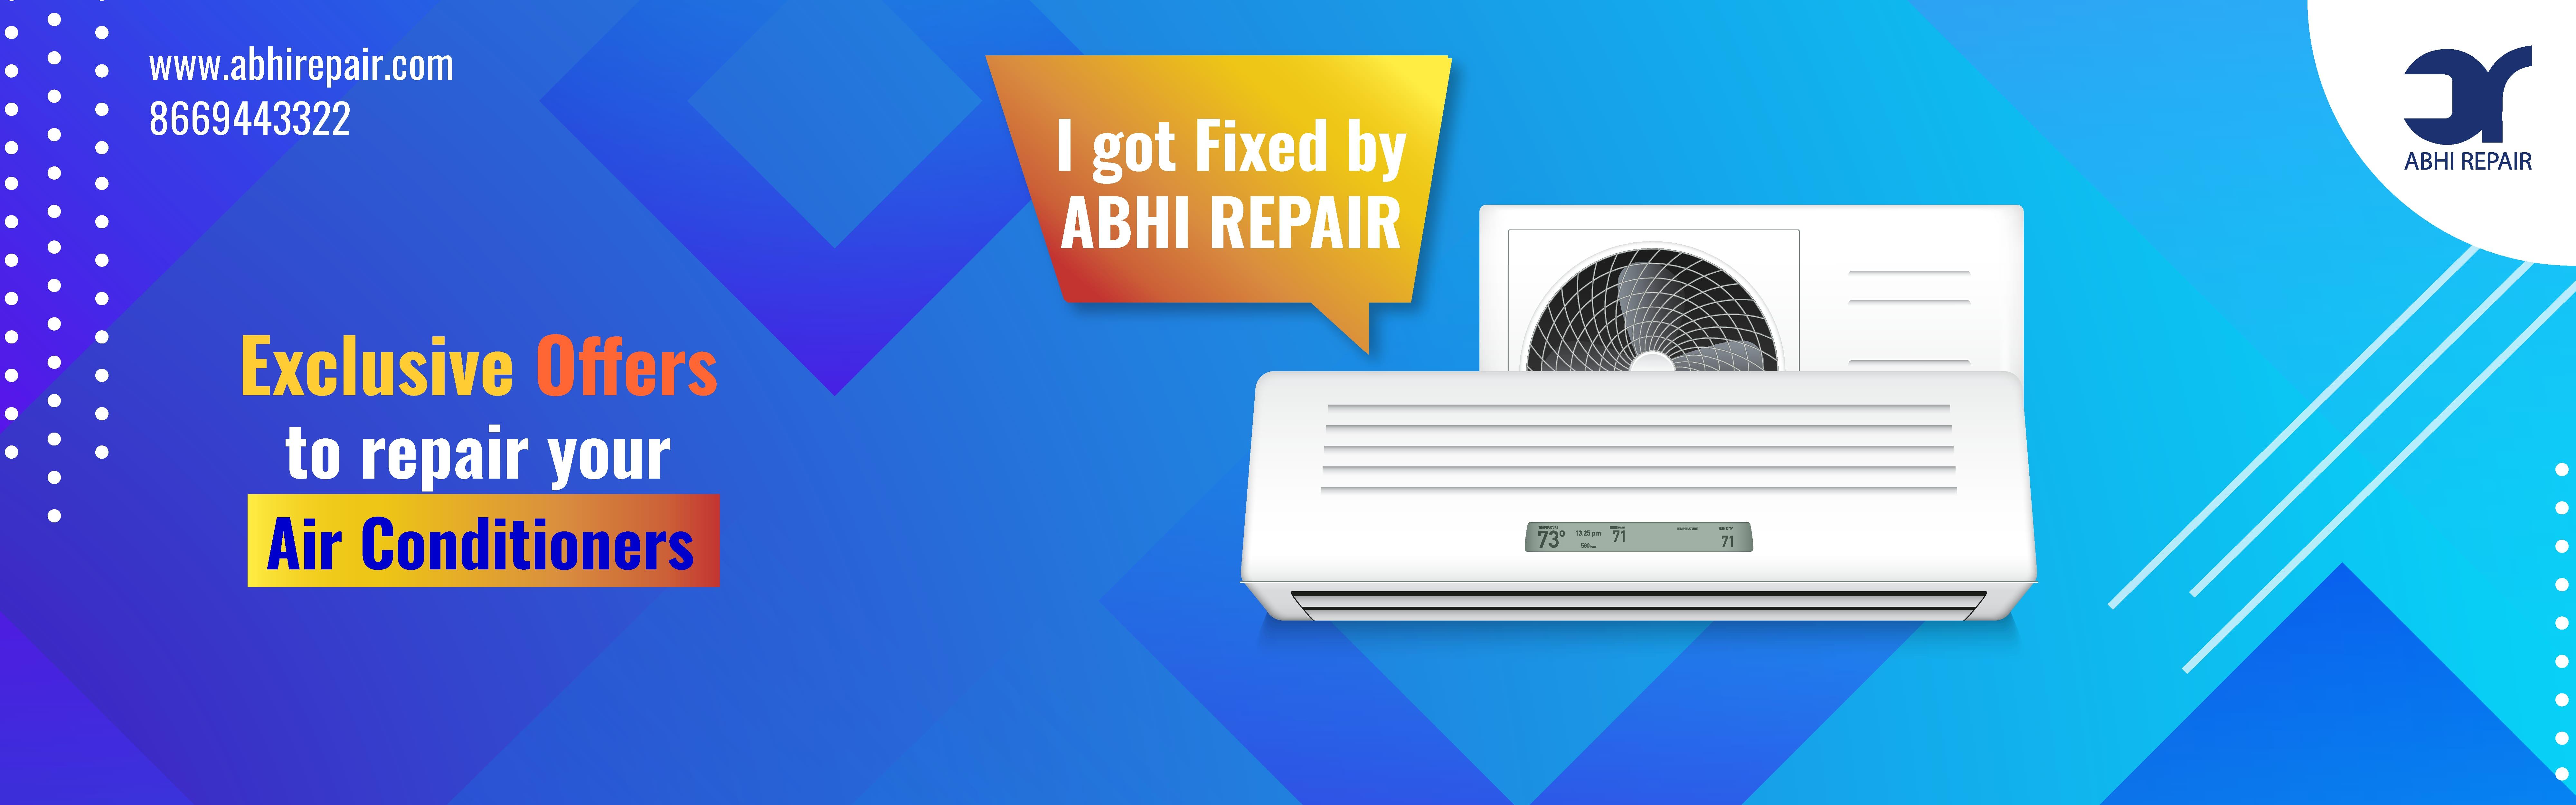 Abhi Repair Banner-1